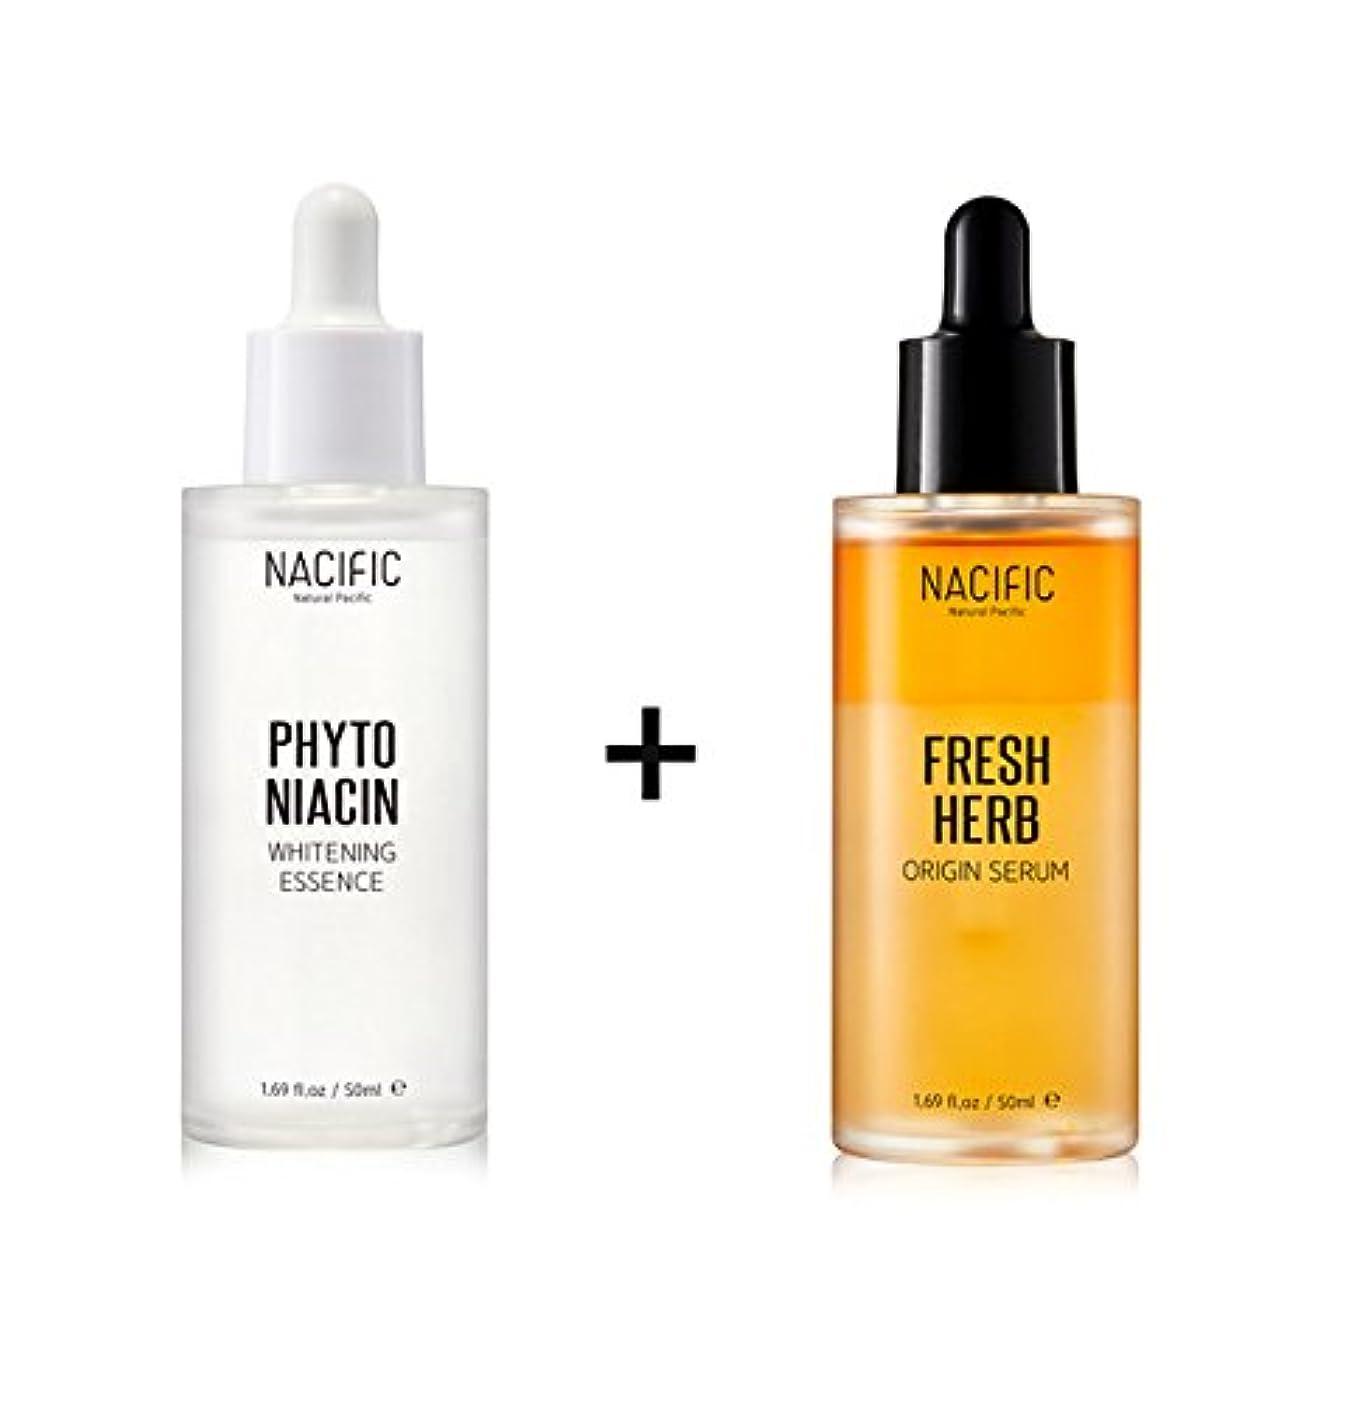 慢アーサーコナンドイル扱いやすい[Renewal] NACIFIC Fresh Herb Origin Serum 50ml + Phyto Niacin Whitening Essence 50ml/ナシフィック フレッシュ ハーブ オリジン セラム...